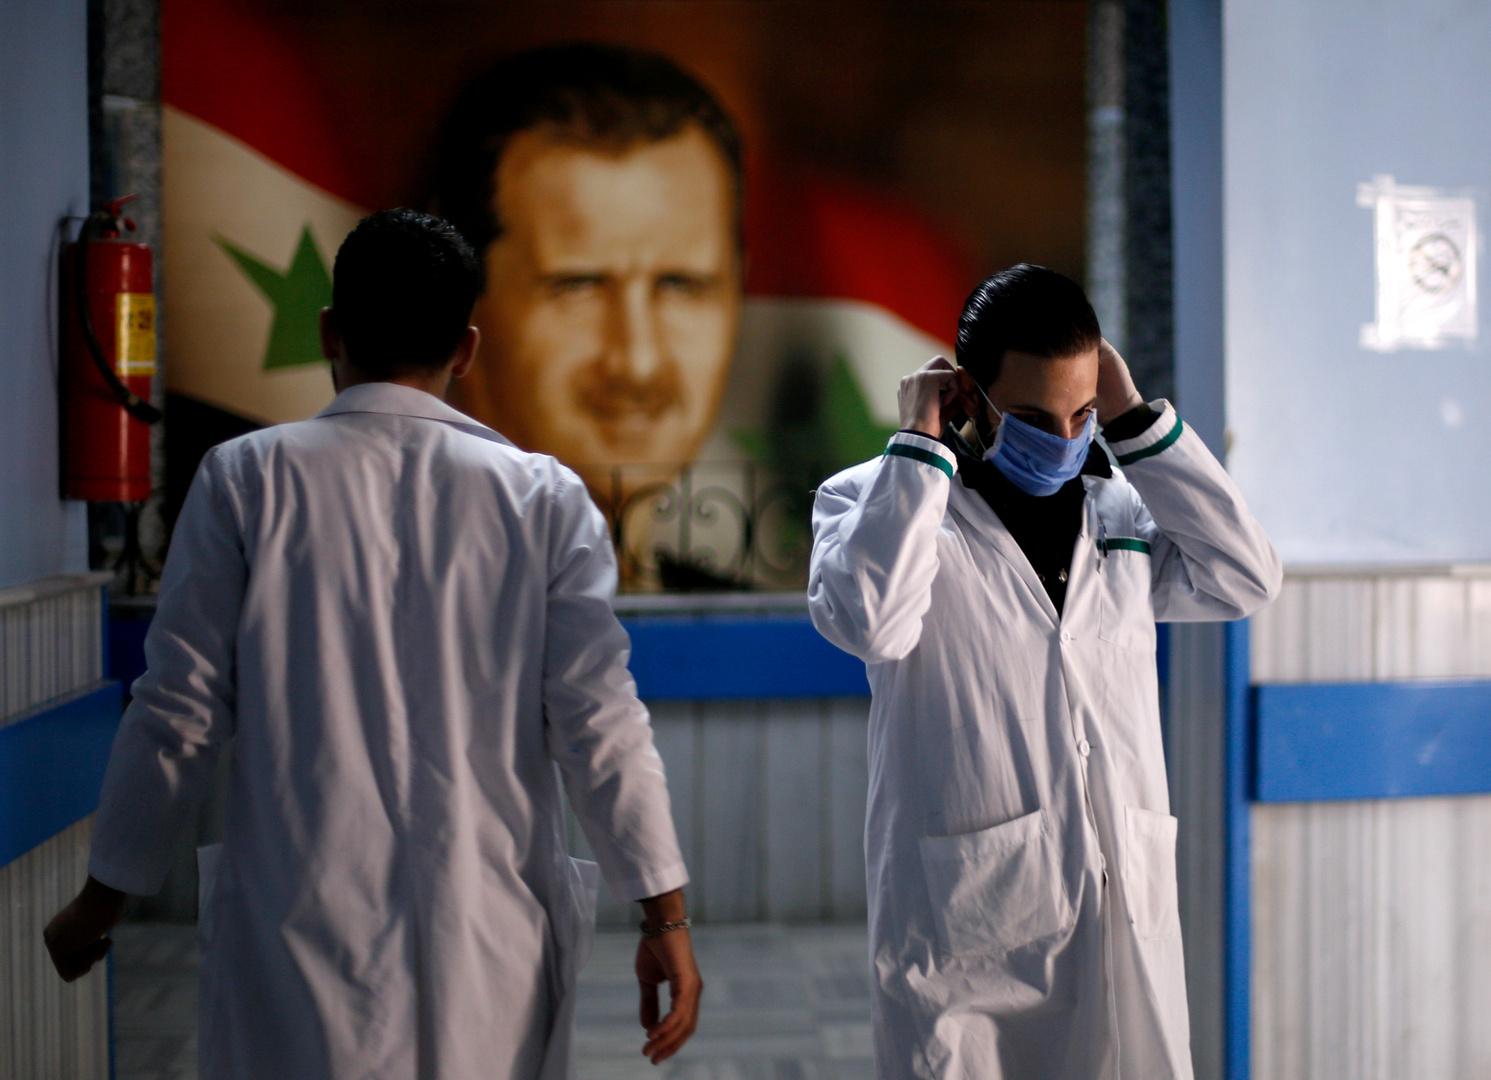 الصحة السورية تنفي وفاة أحد المصابين بكورونا في البلاد